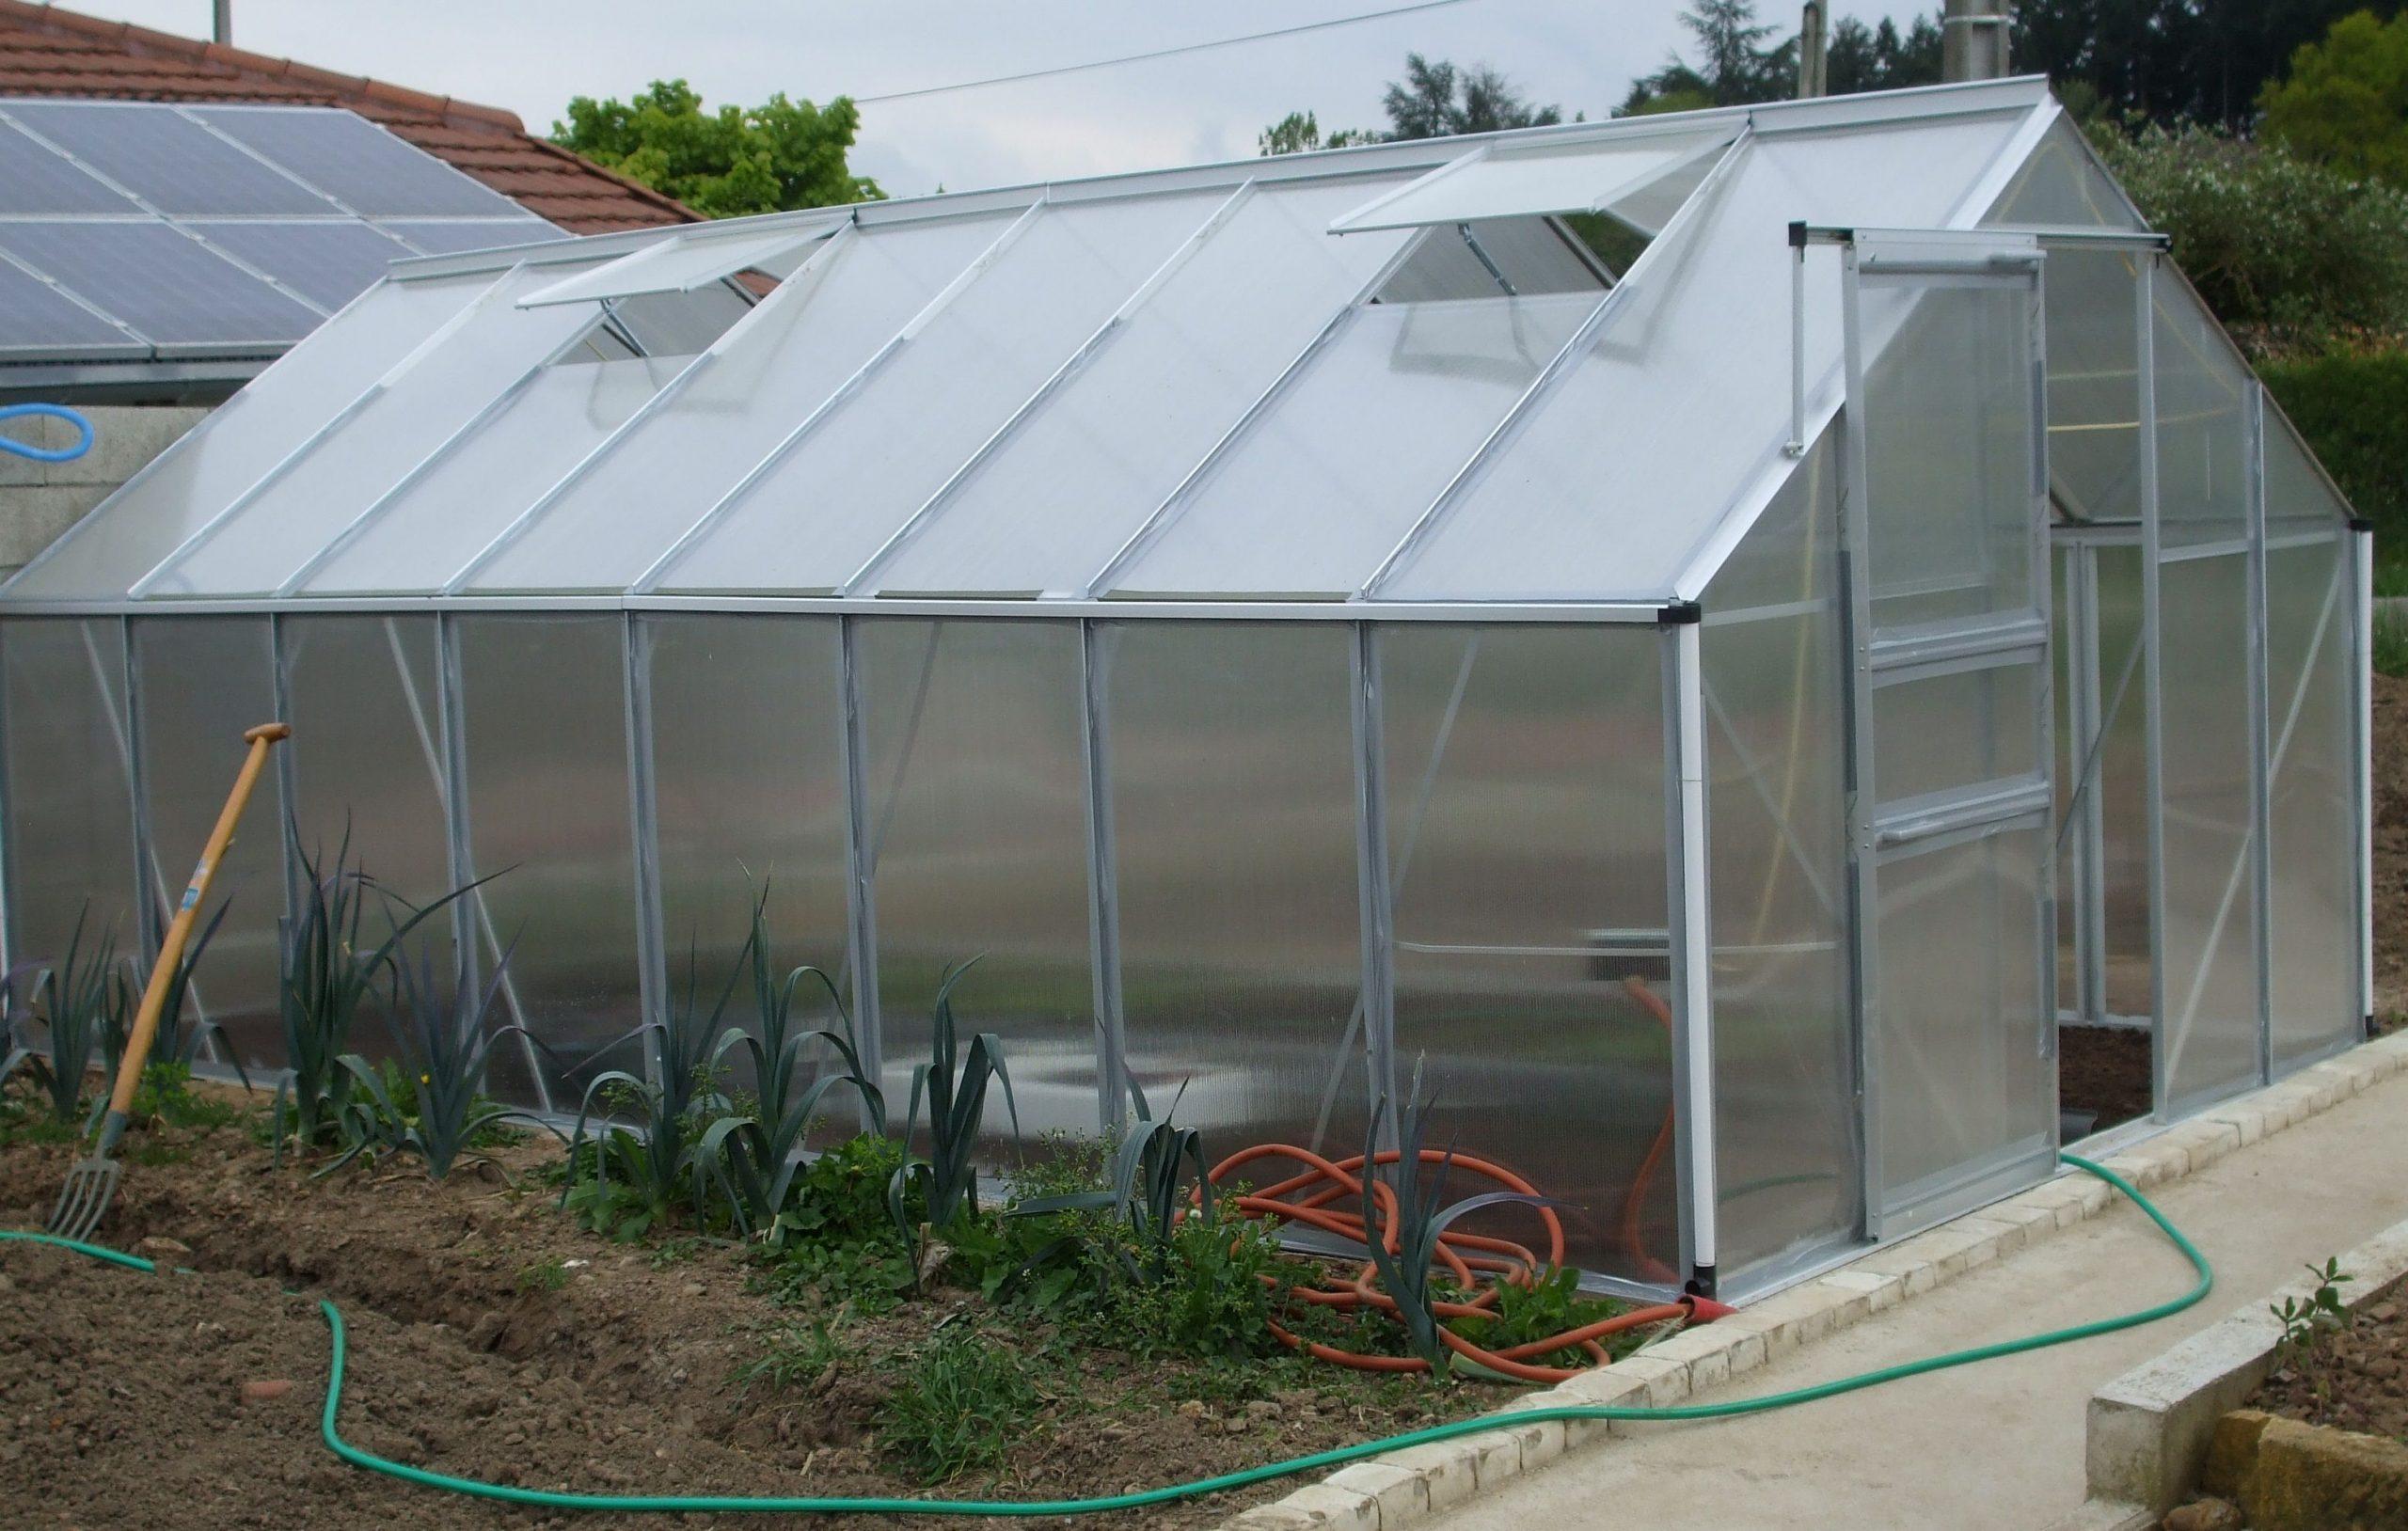 Les 87 Meilleures Images De Tout Pour Le Potager | Jardinage ... serapportantà Serre De Jardin 18M2 Polycarbonate